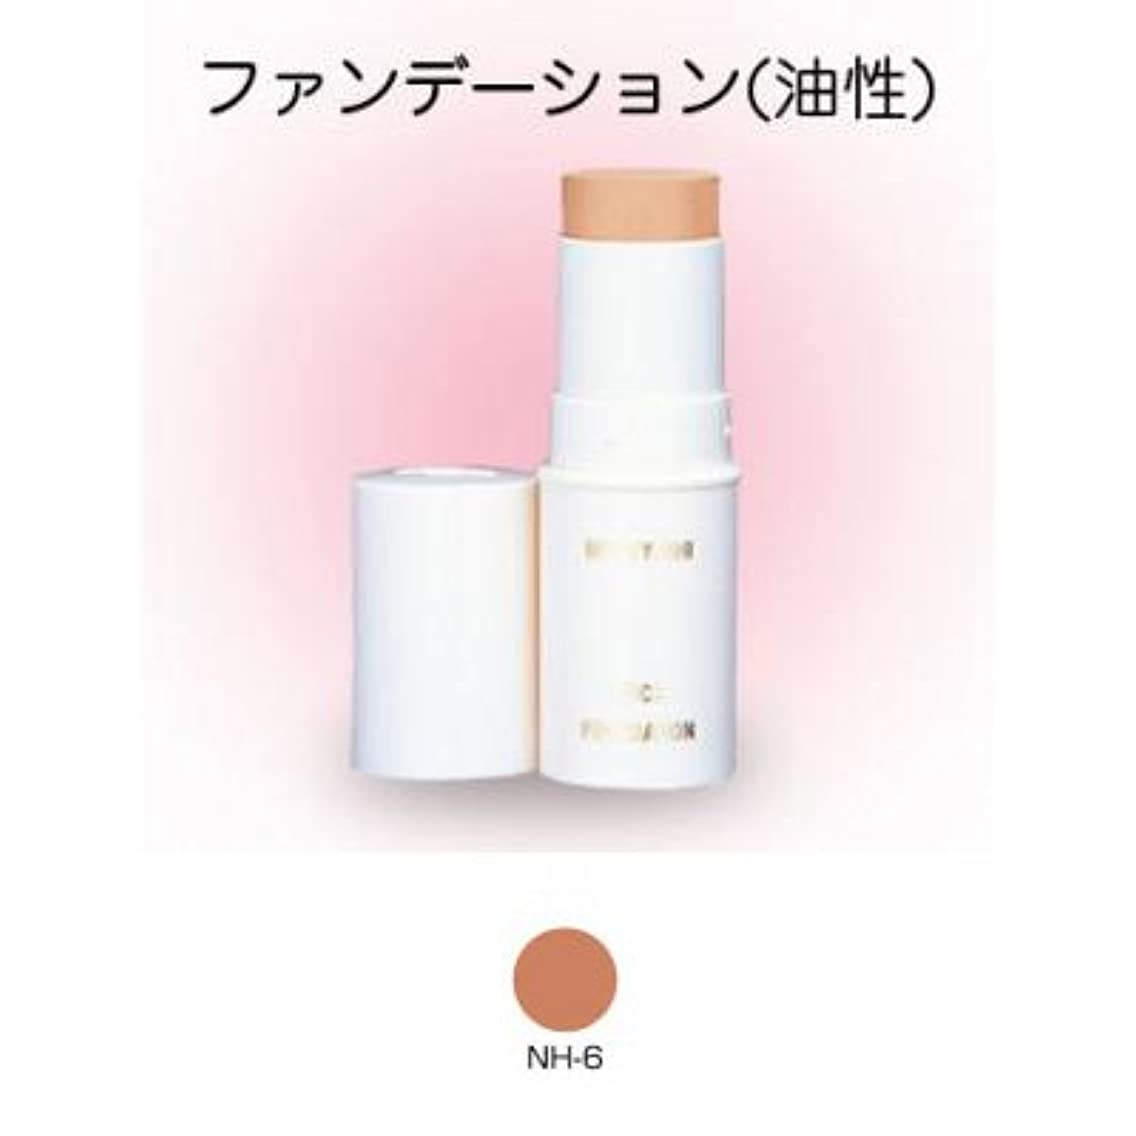 寄稿者ベル魔女スティックファンデーション 16g NH-6 【三善】